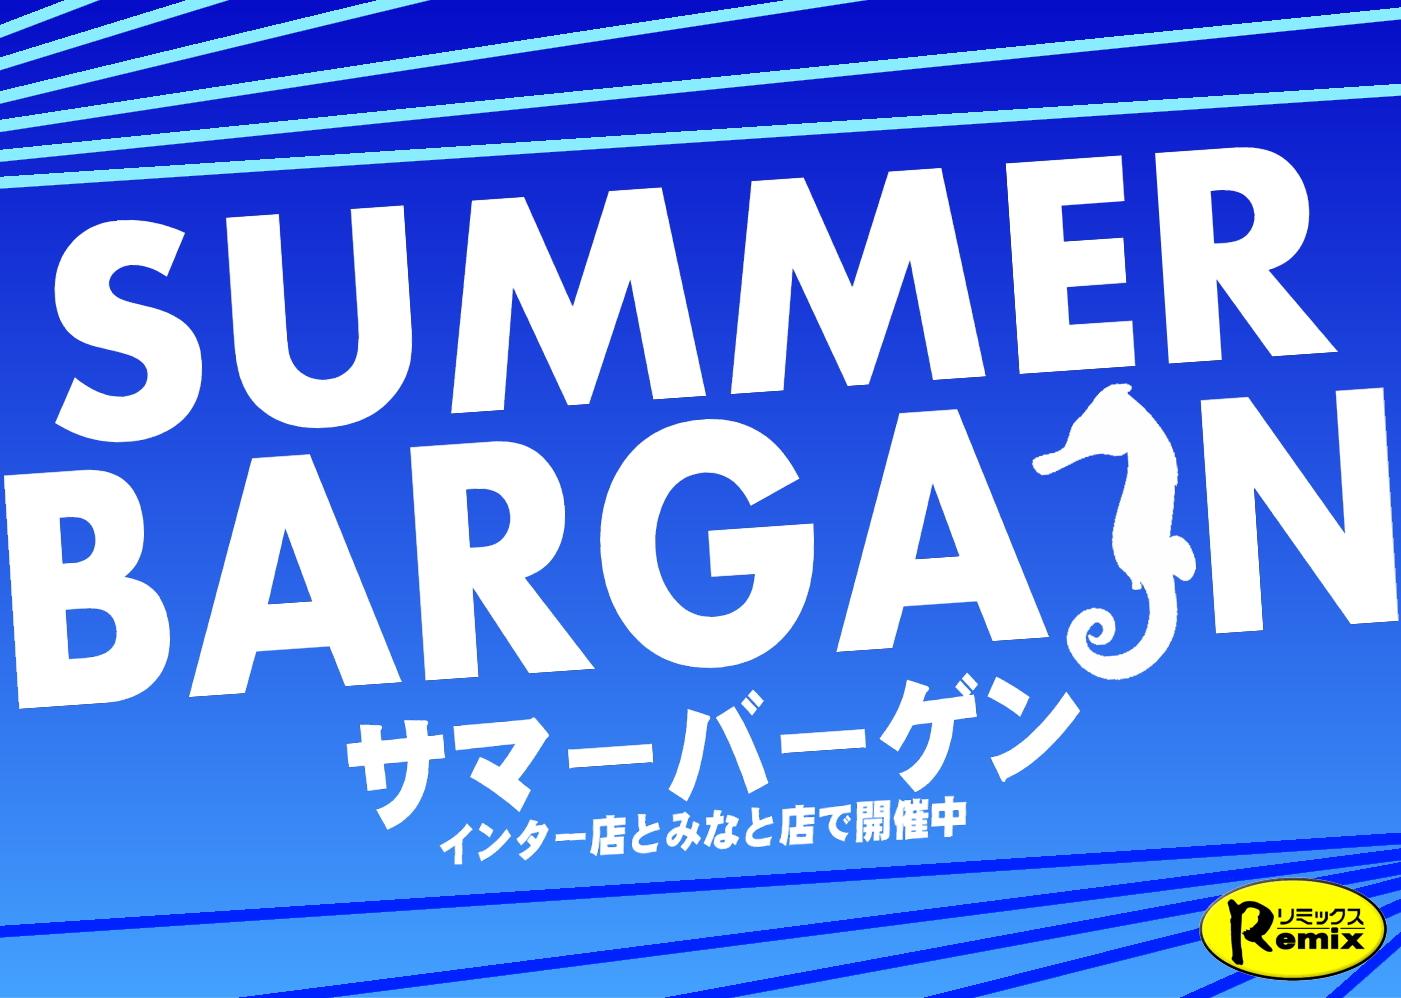 【インター小動物】SUMMER BARGAINは~、バニーフェスティバルinSUMMERで決まりッ!!